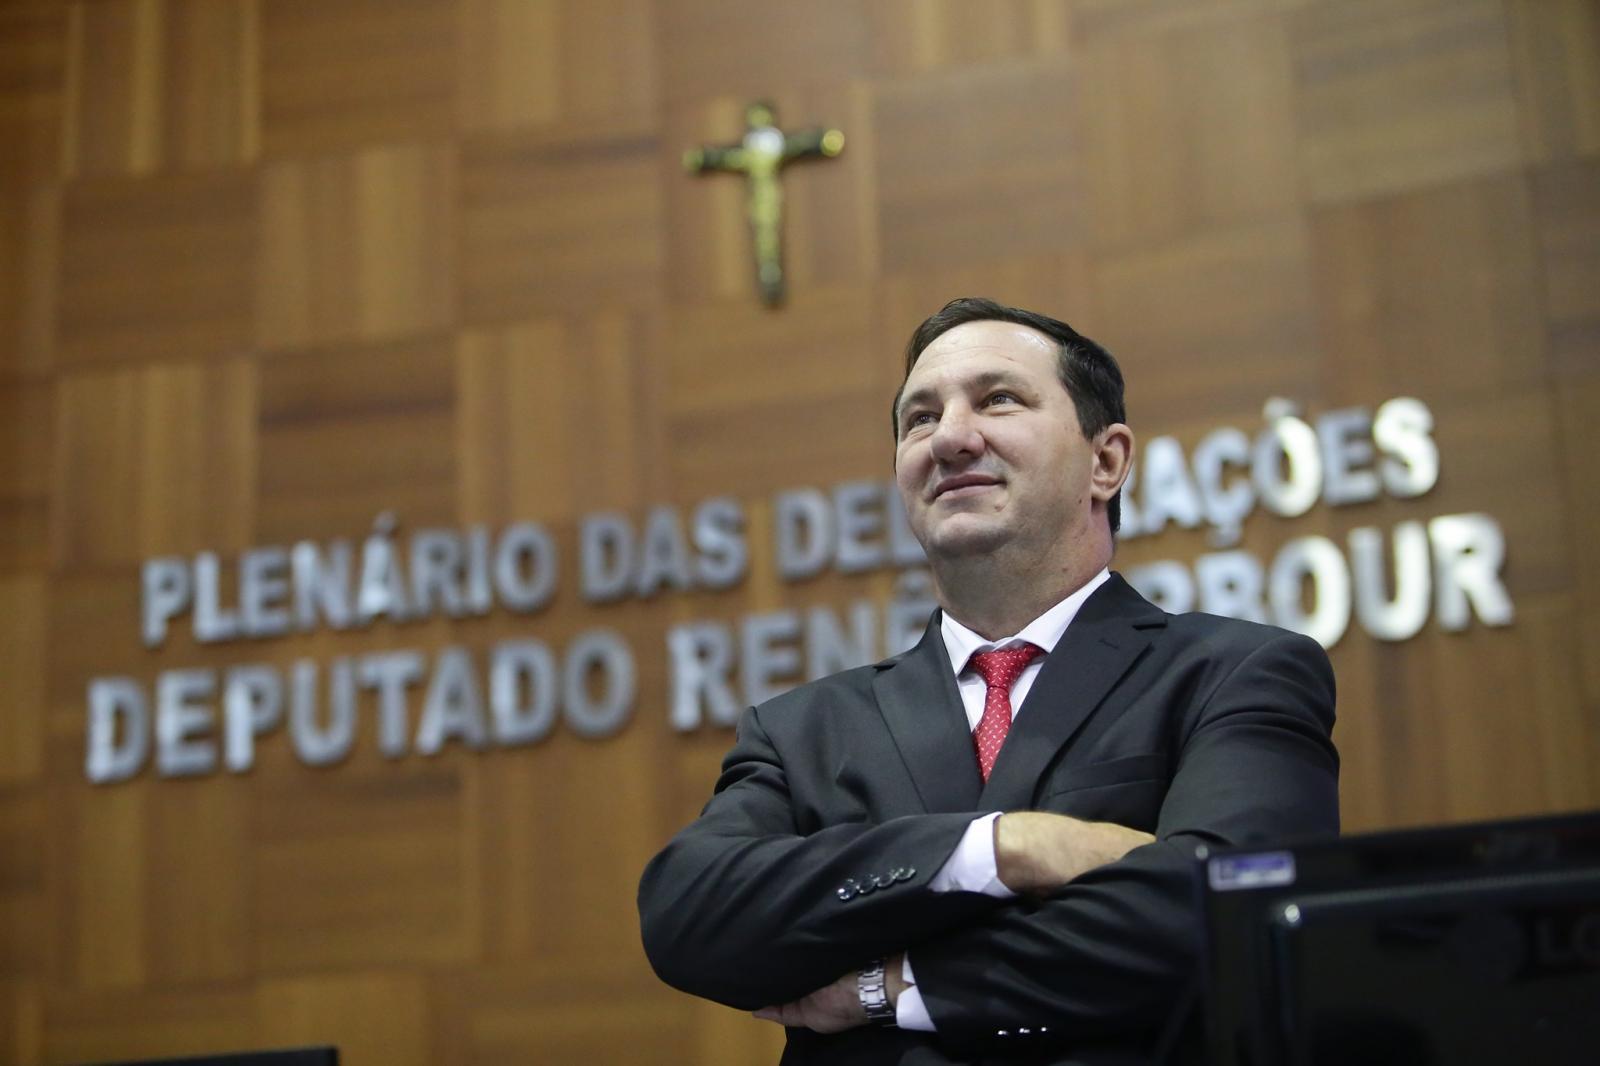 Valdir Barranco